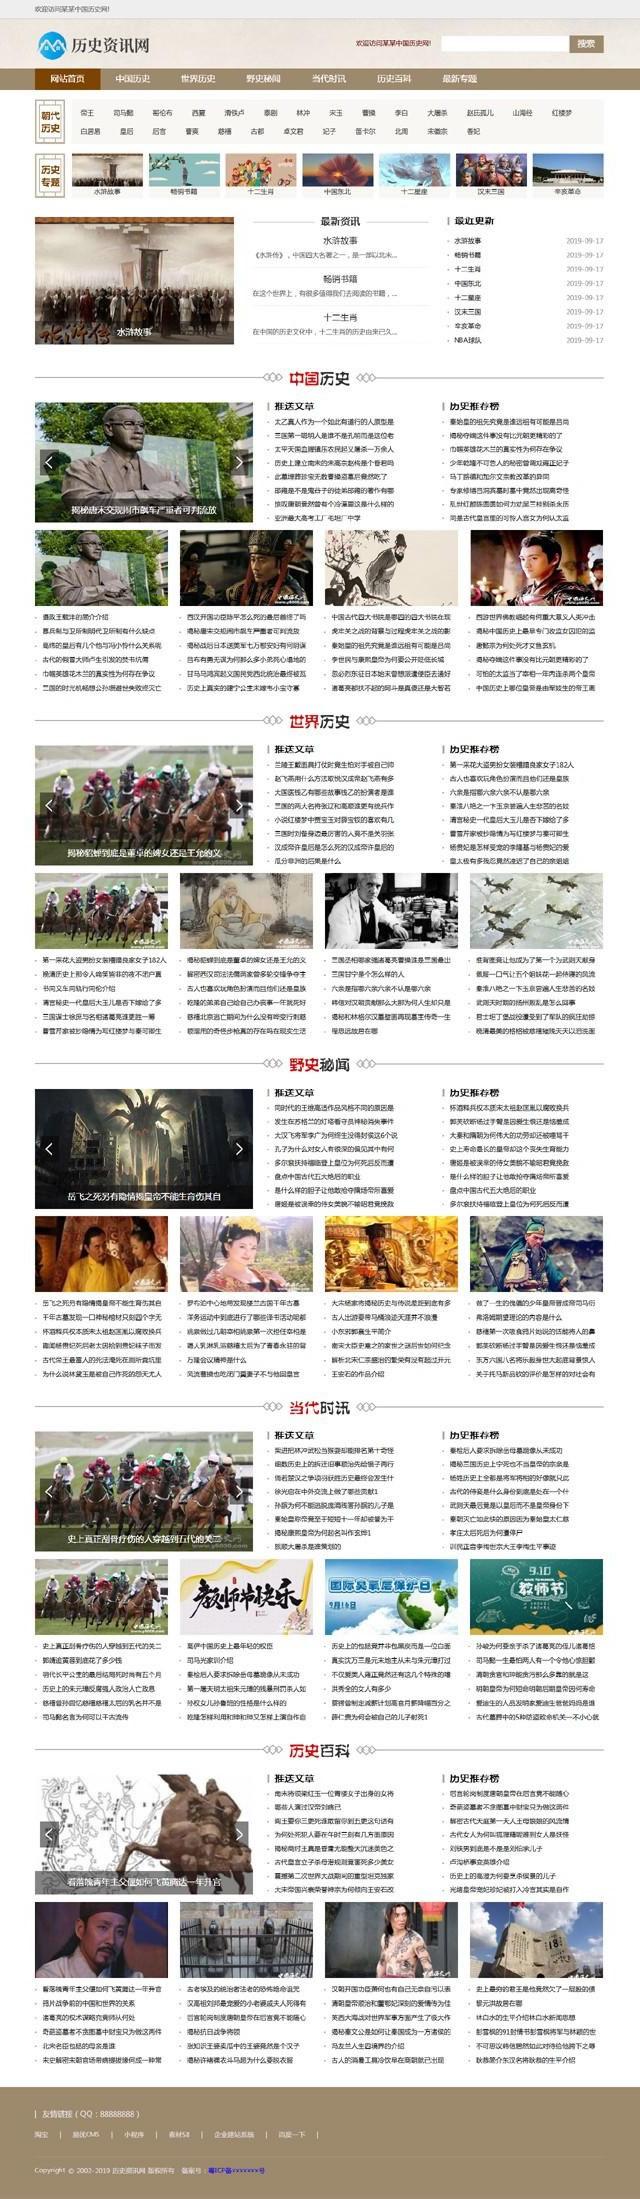 (带手机端)历史新闻资讯网博客新闻军事历史类网站源码